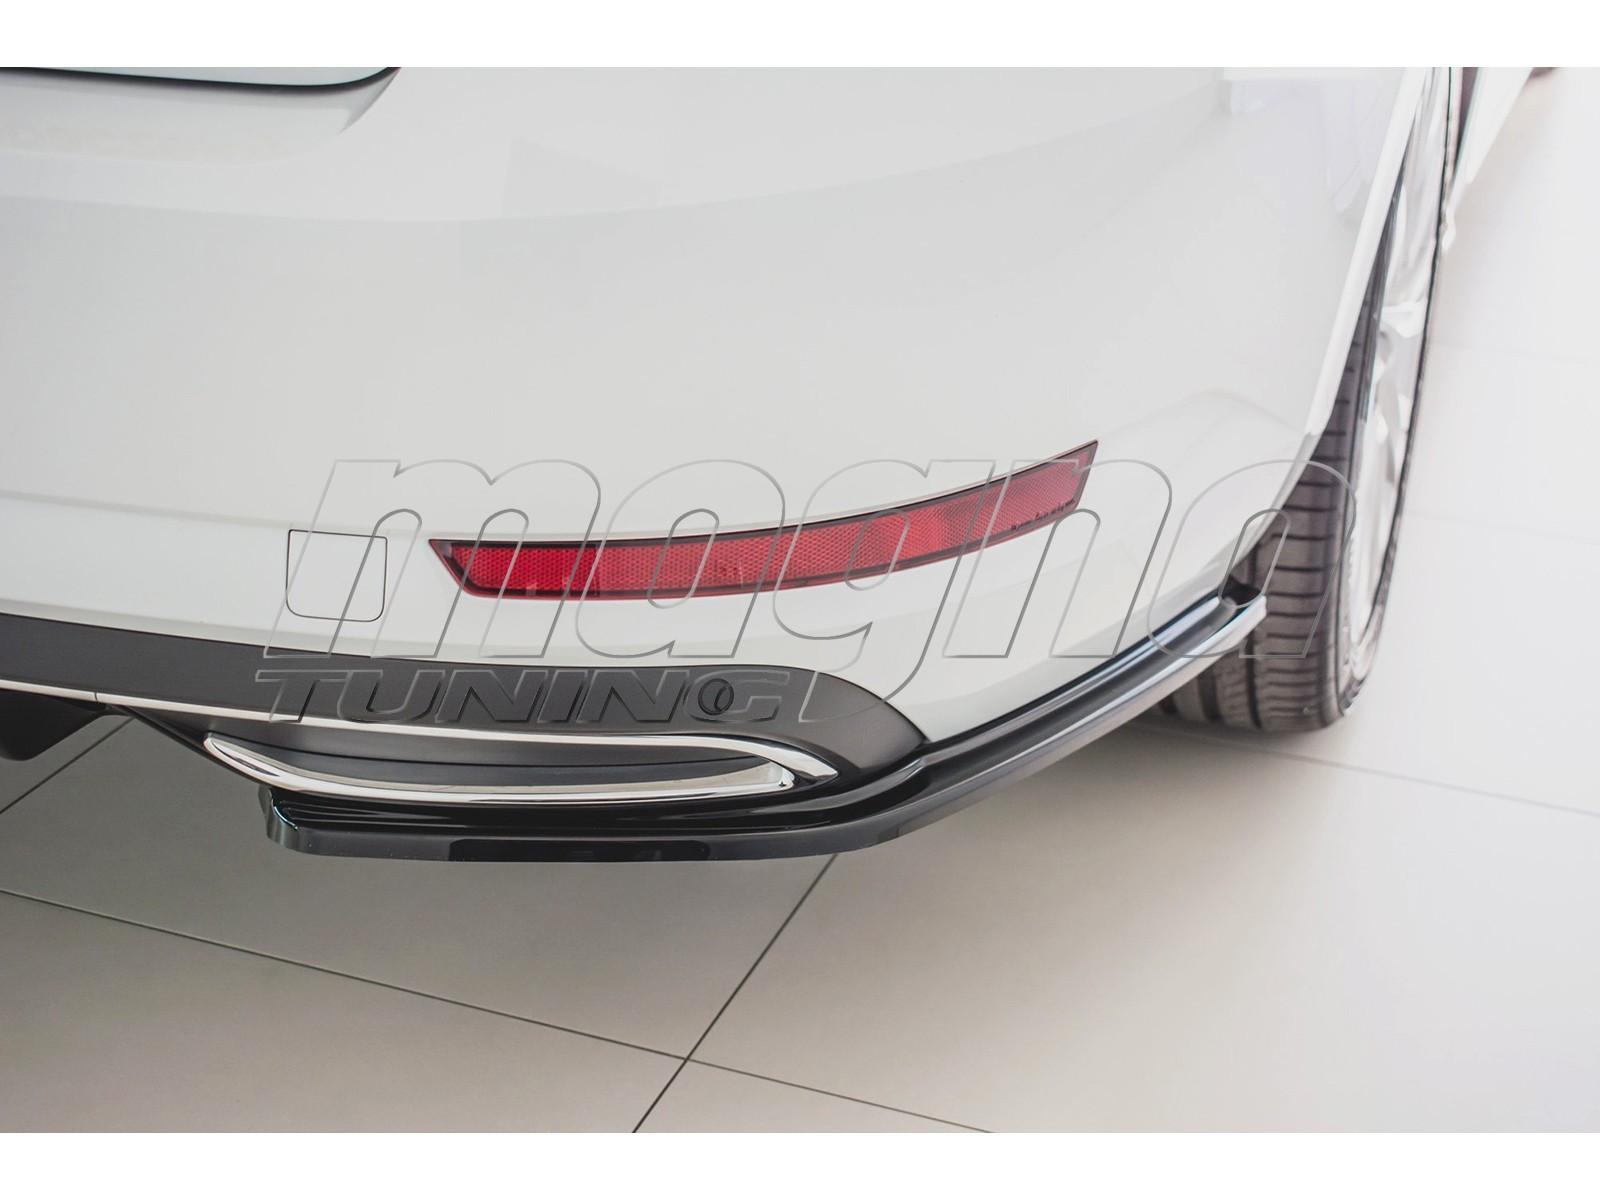 Skoda Superb B8 3V Matrix Rear Bumper Extension